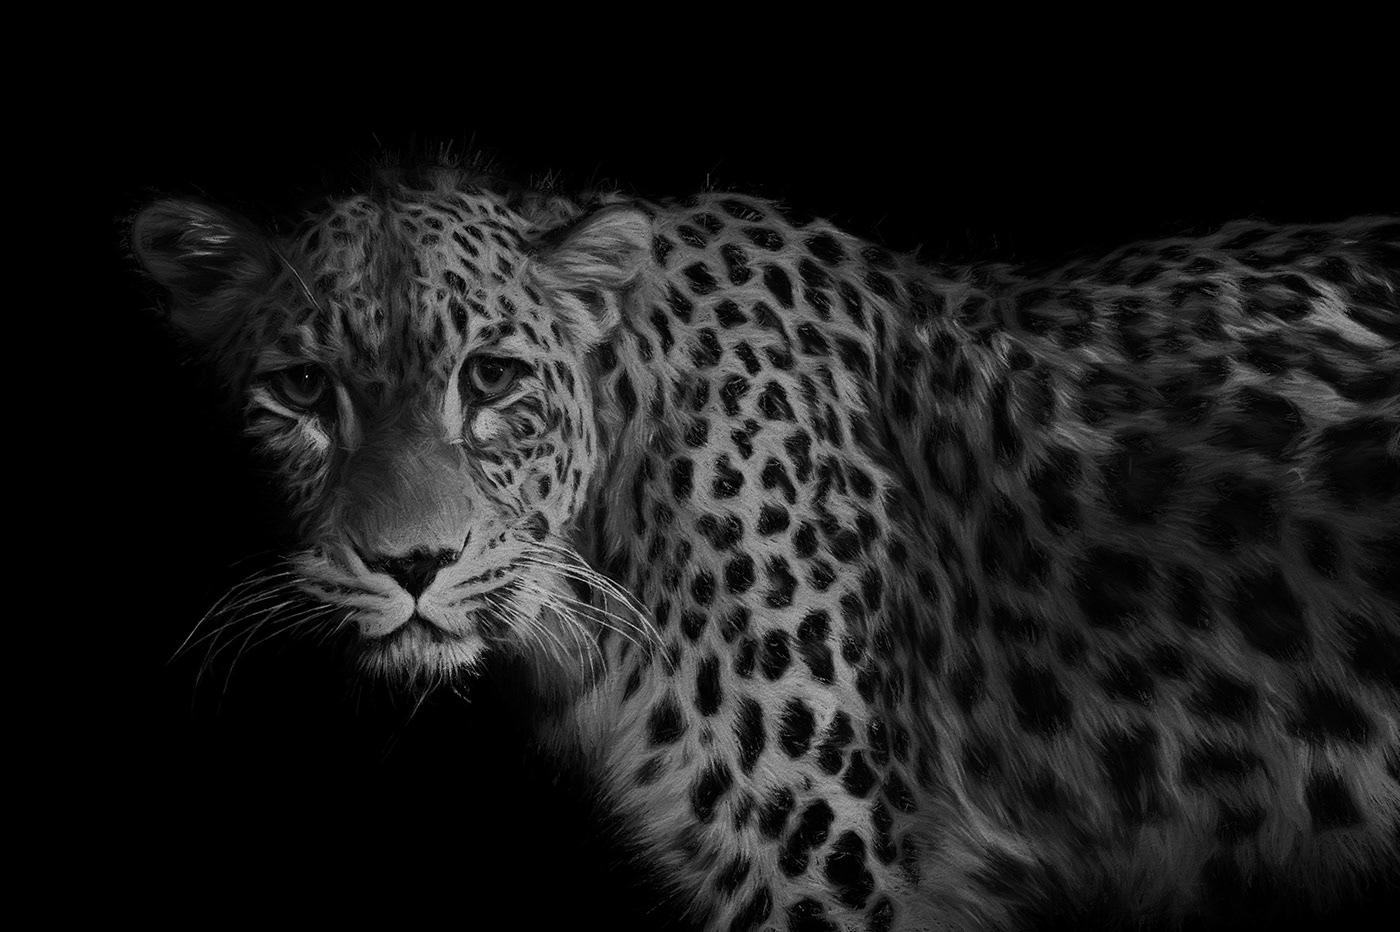 Image may contain: big cat, mammal and animal